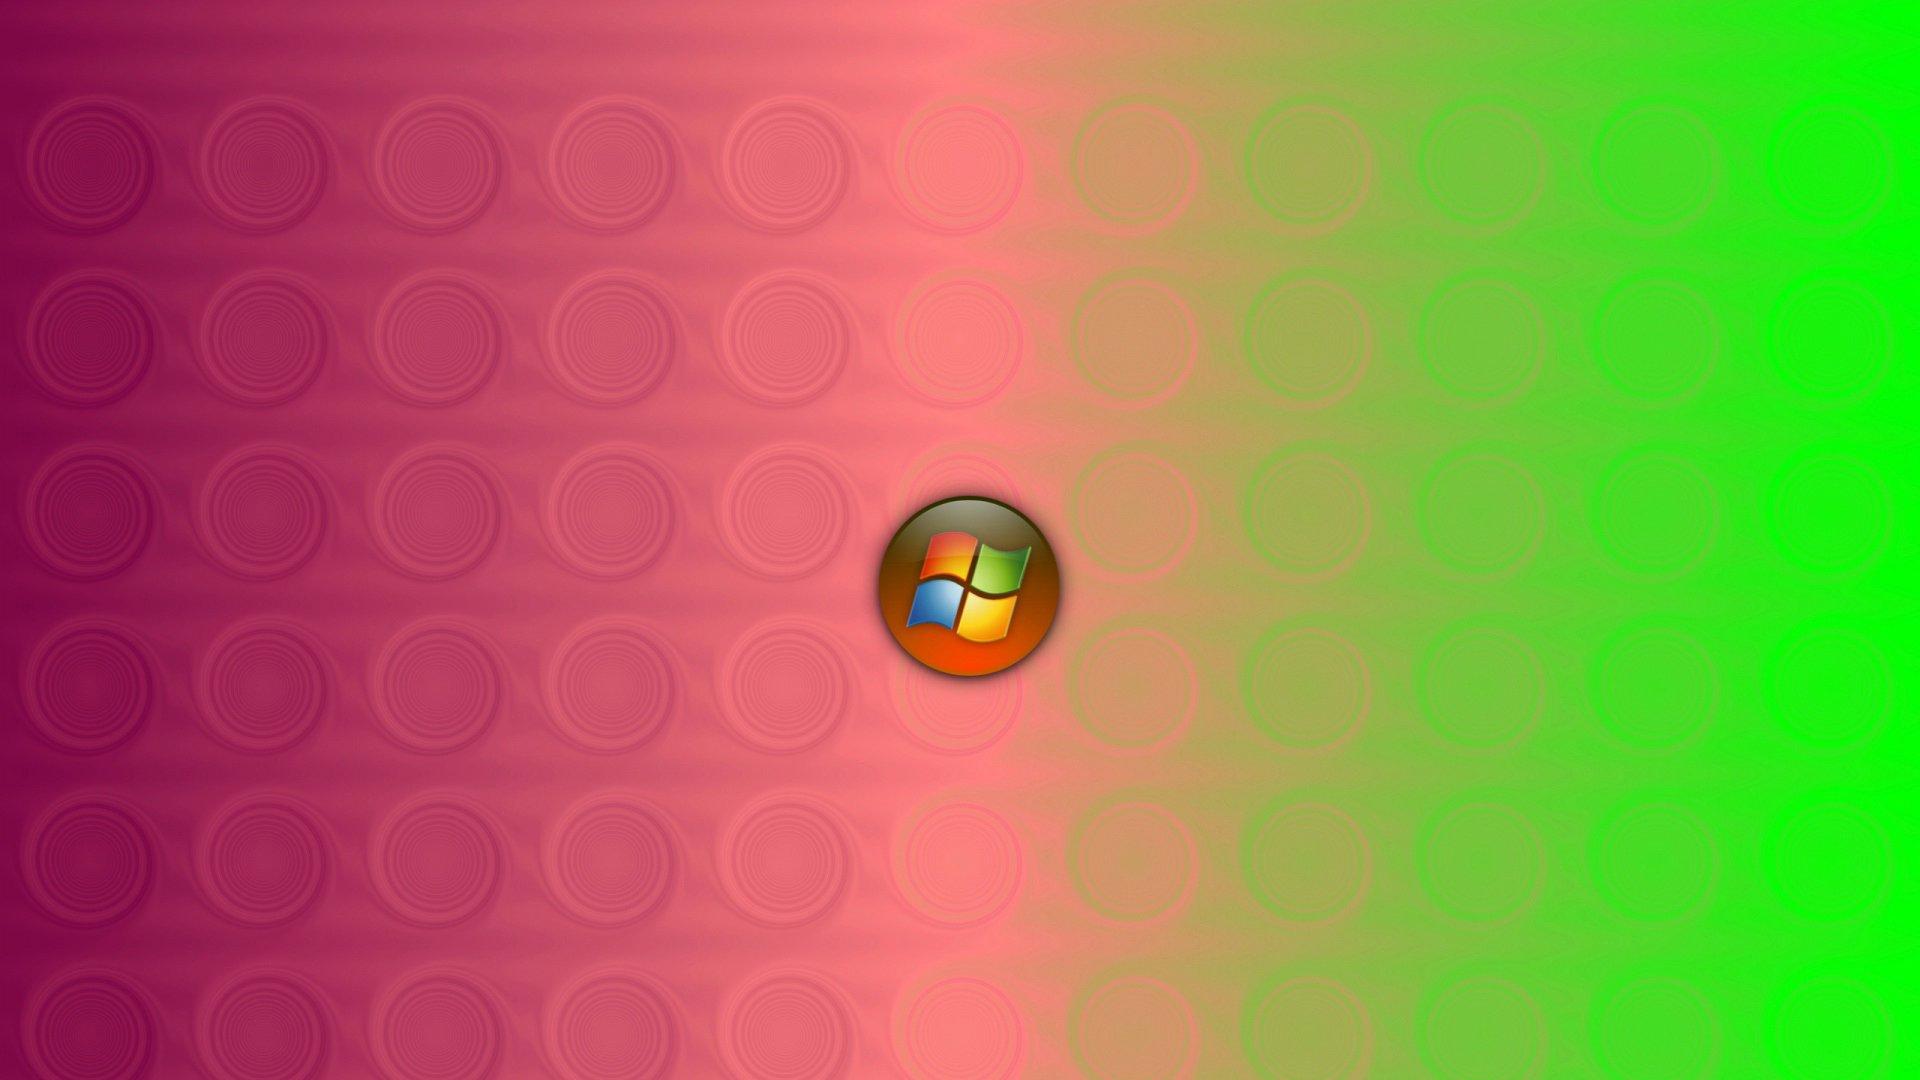 заставило картинки фон на браузер изготавливаются